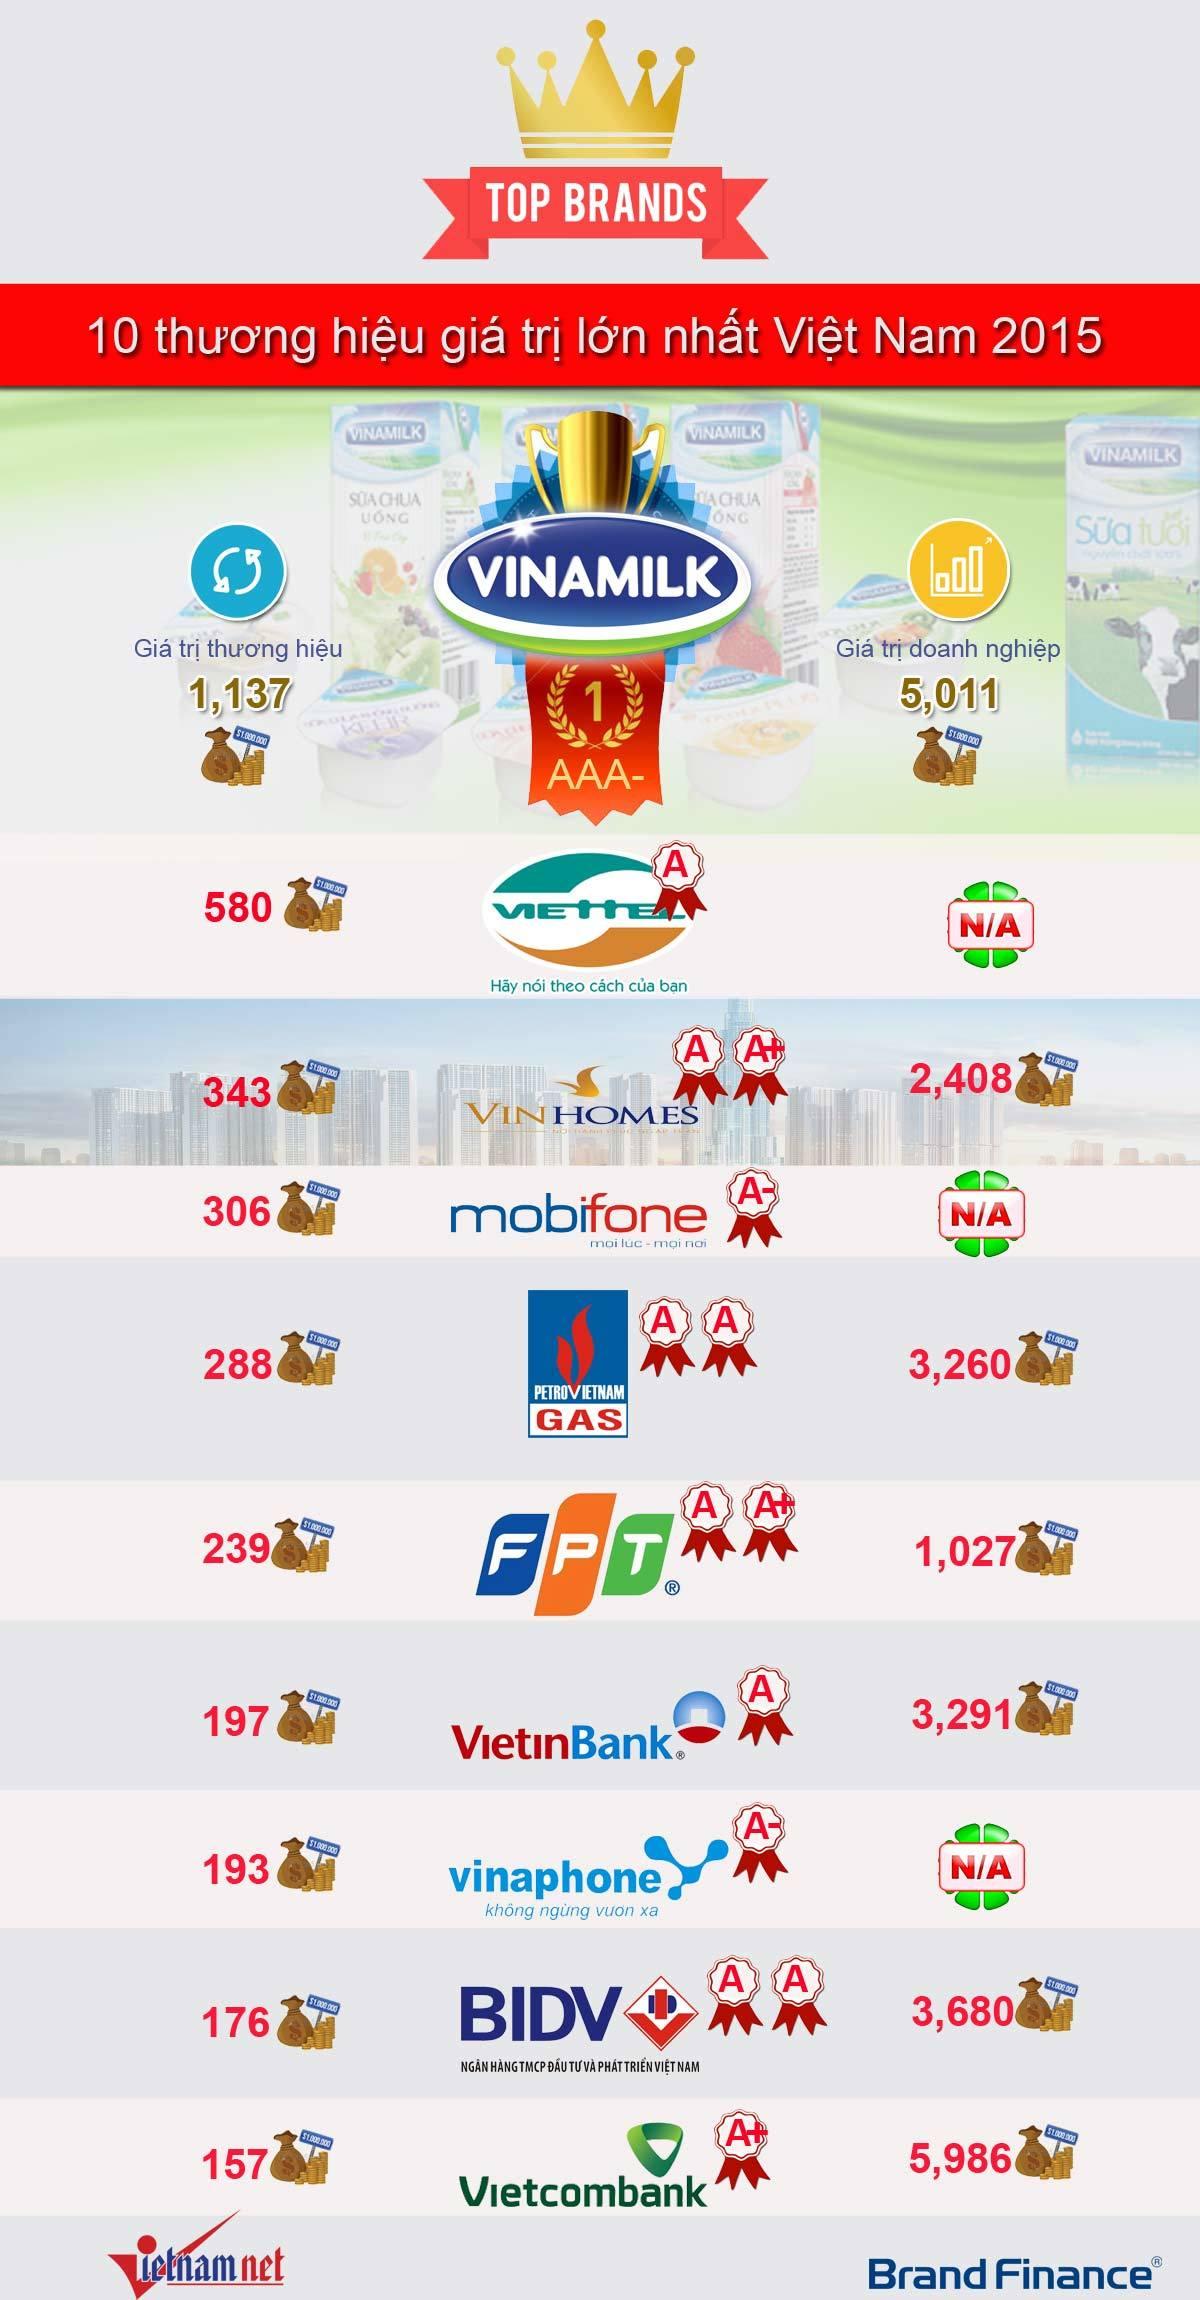 10 tên tuổi nổi nhất Việt Nam có giá 5,5 tỷ USD